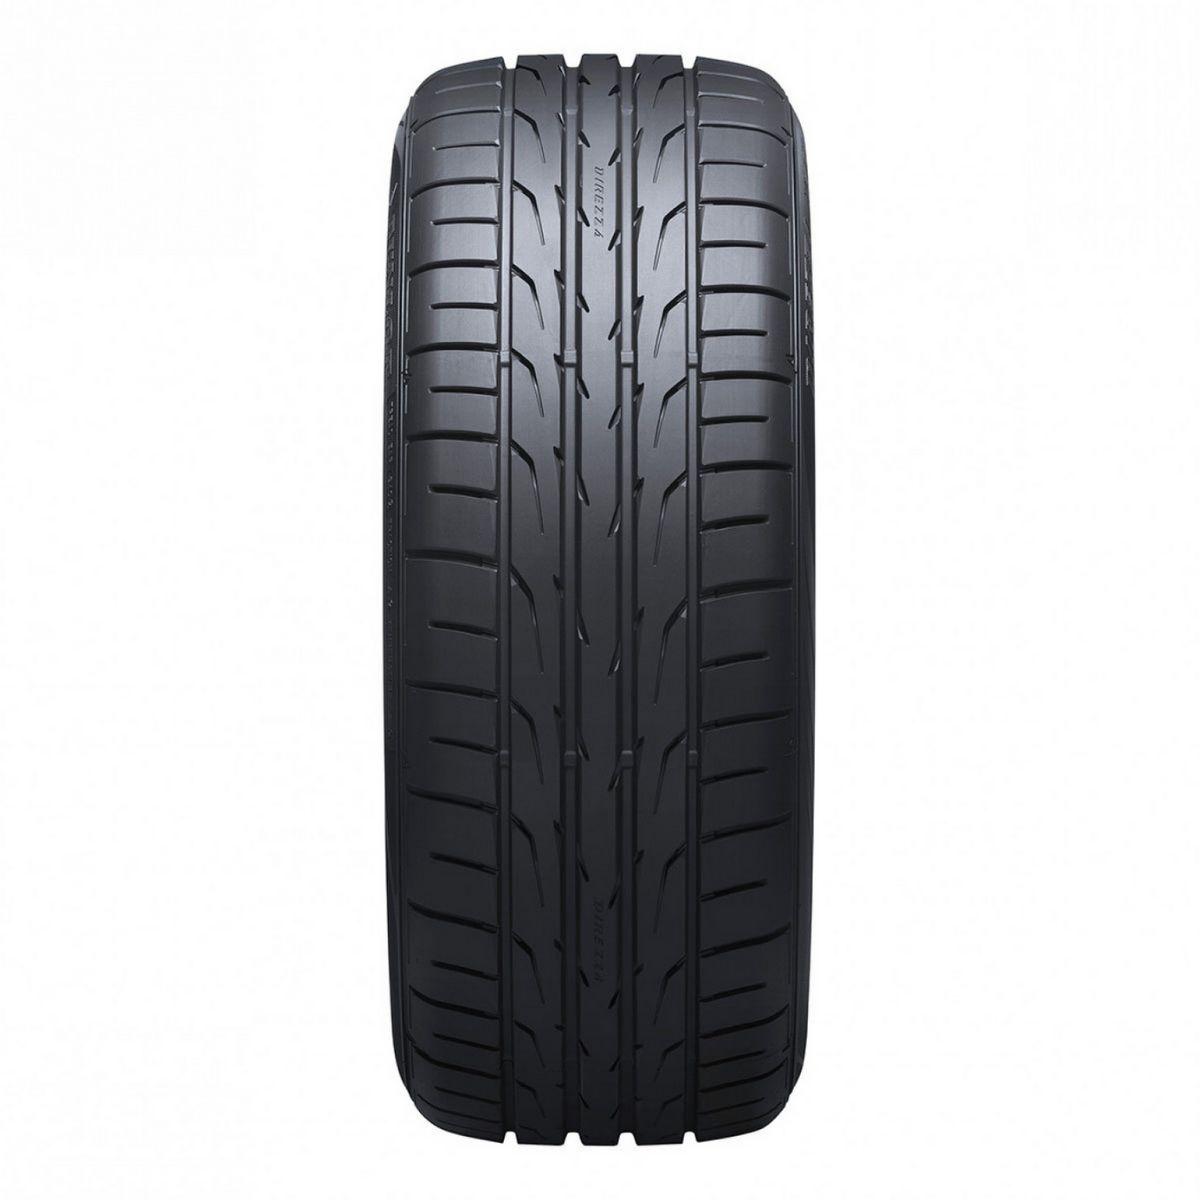 Pneu Dunlop Direzza DZ102 Aro 16 205/55 91V